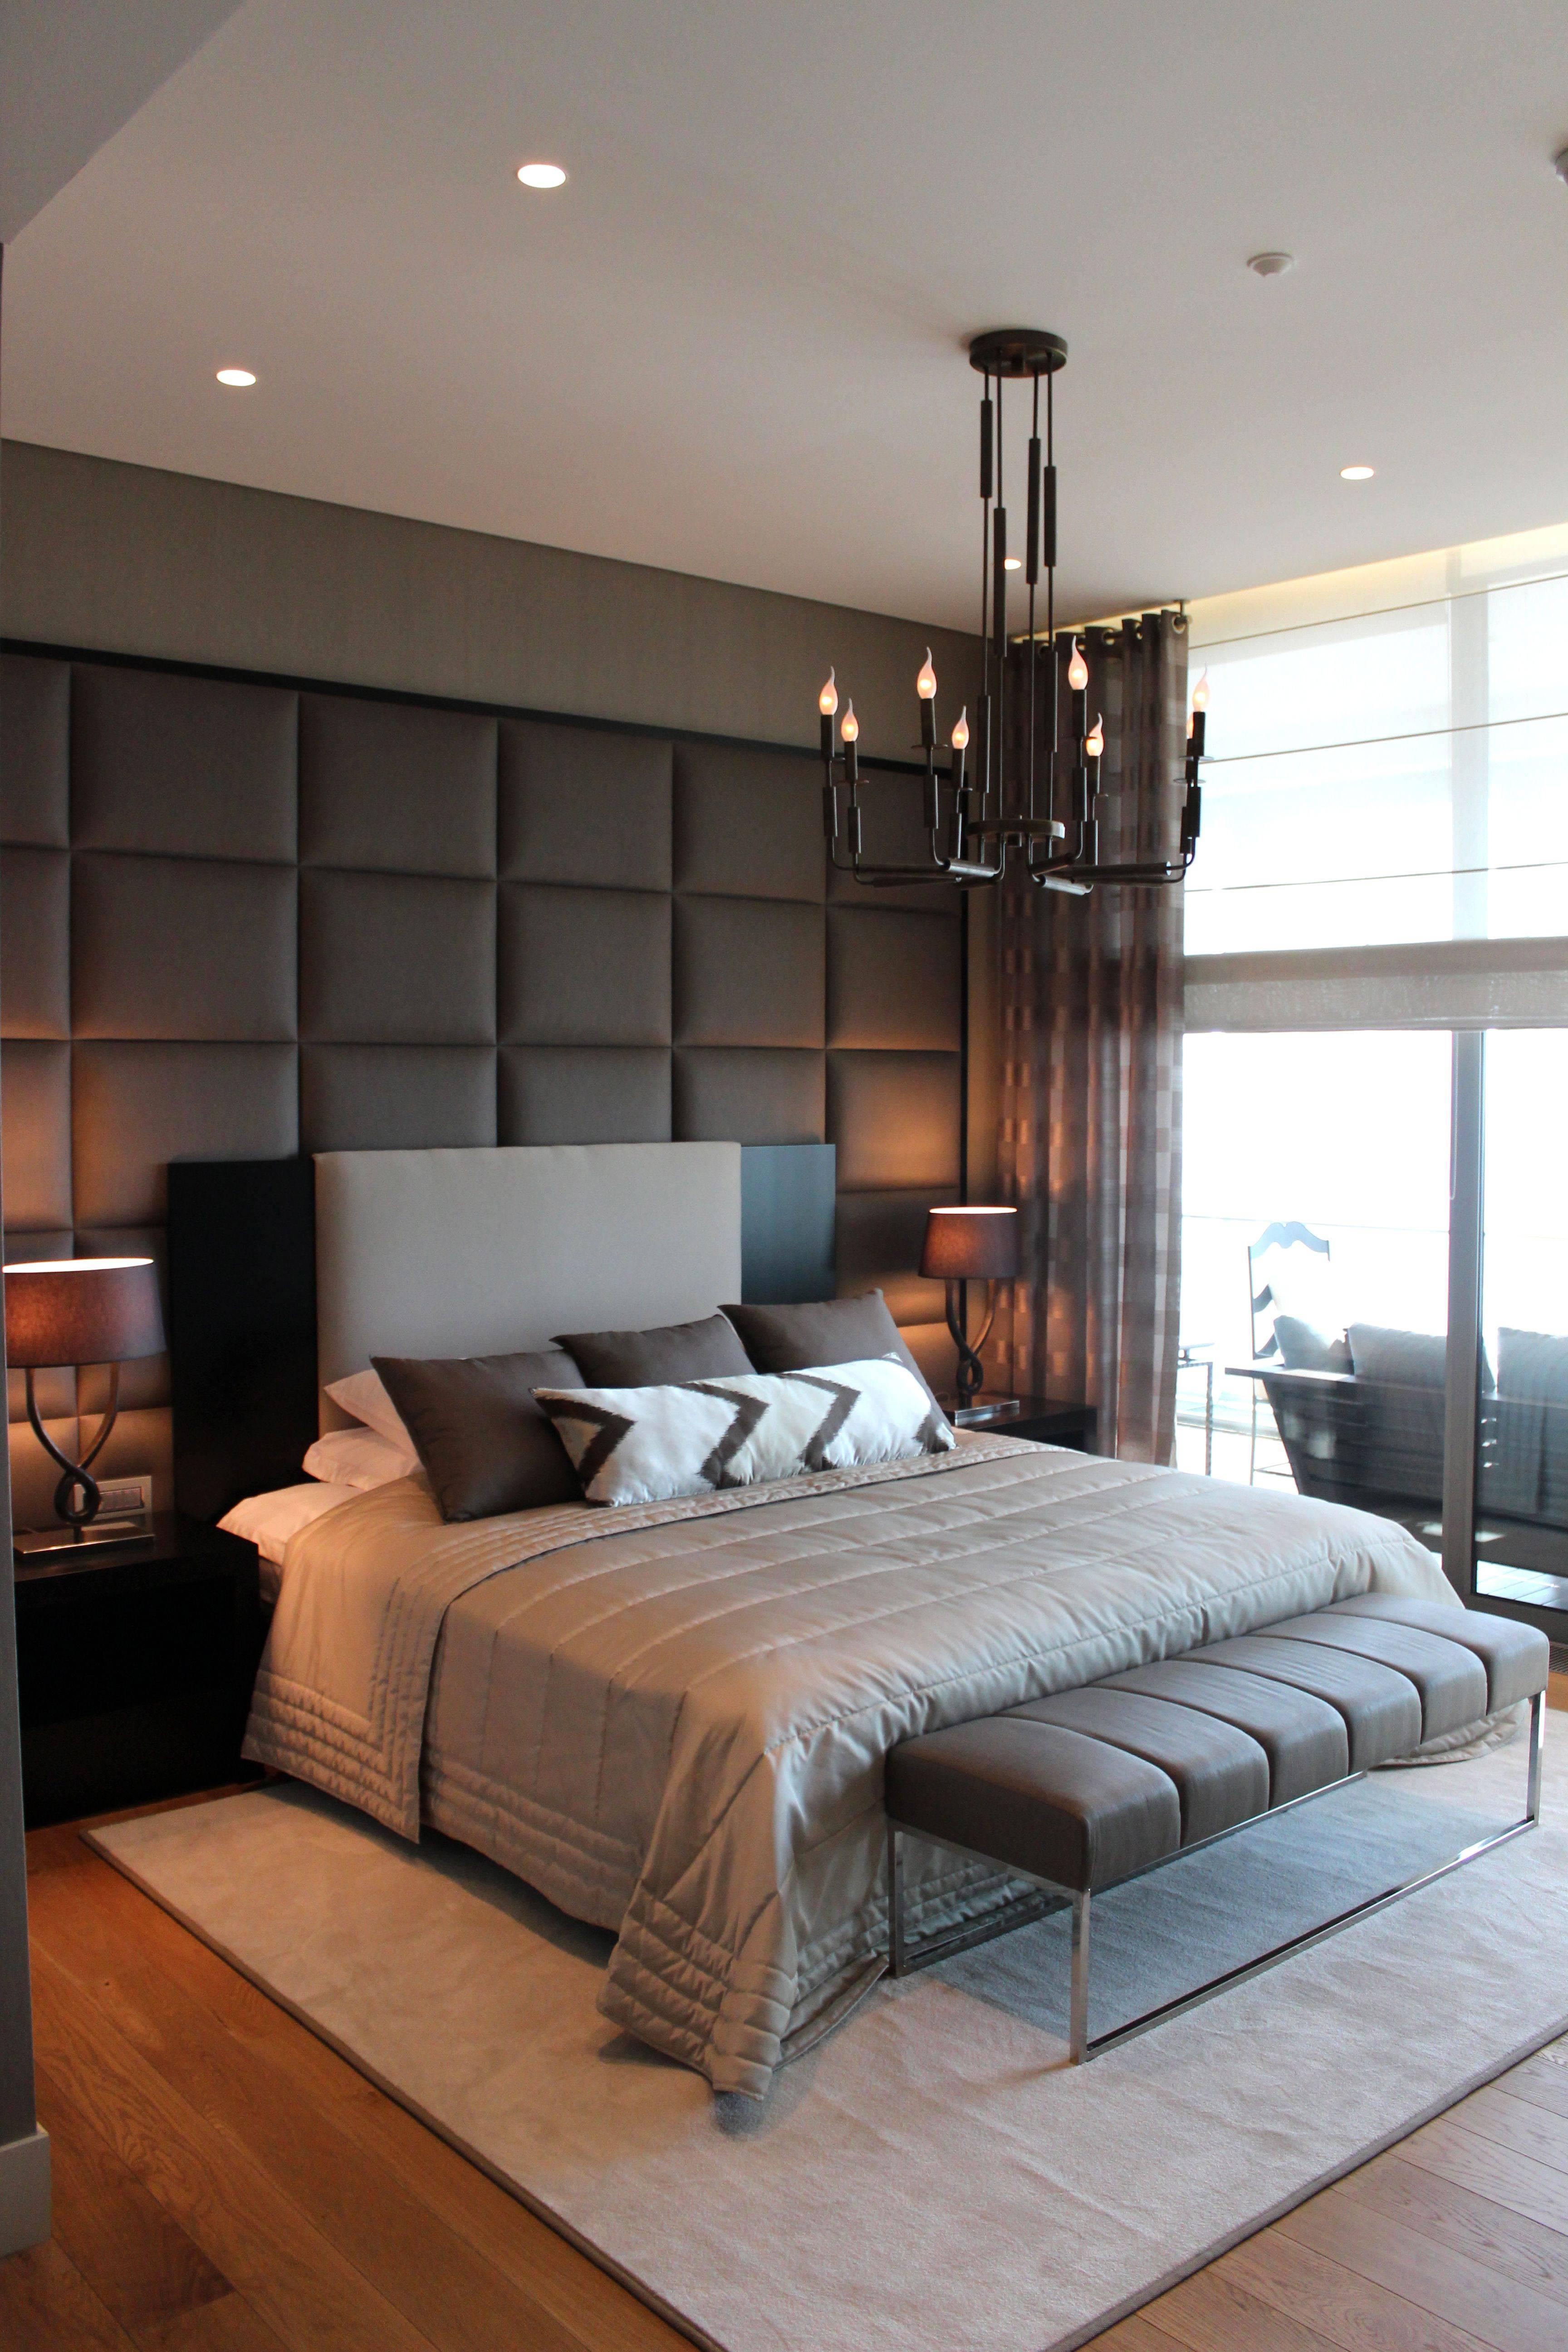 master bedroom ceiling decor new decoration de chambre 55 idees de couleur murale et tissus of master bedroom ceiling decor